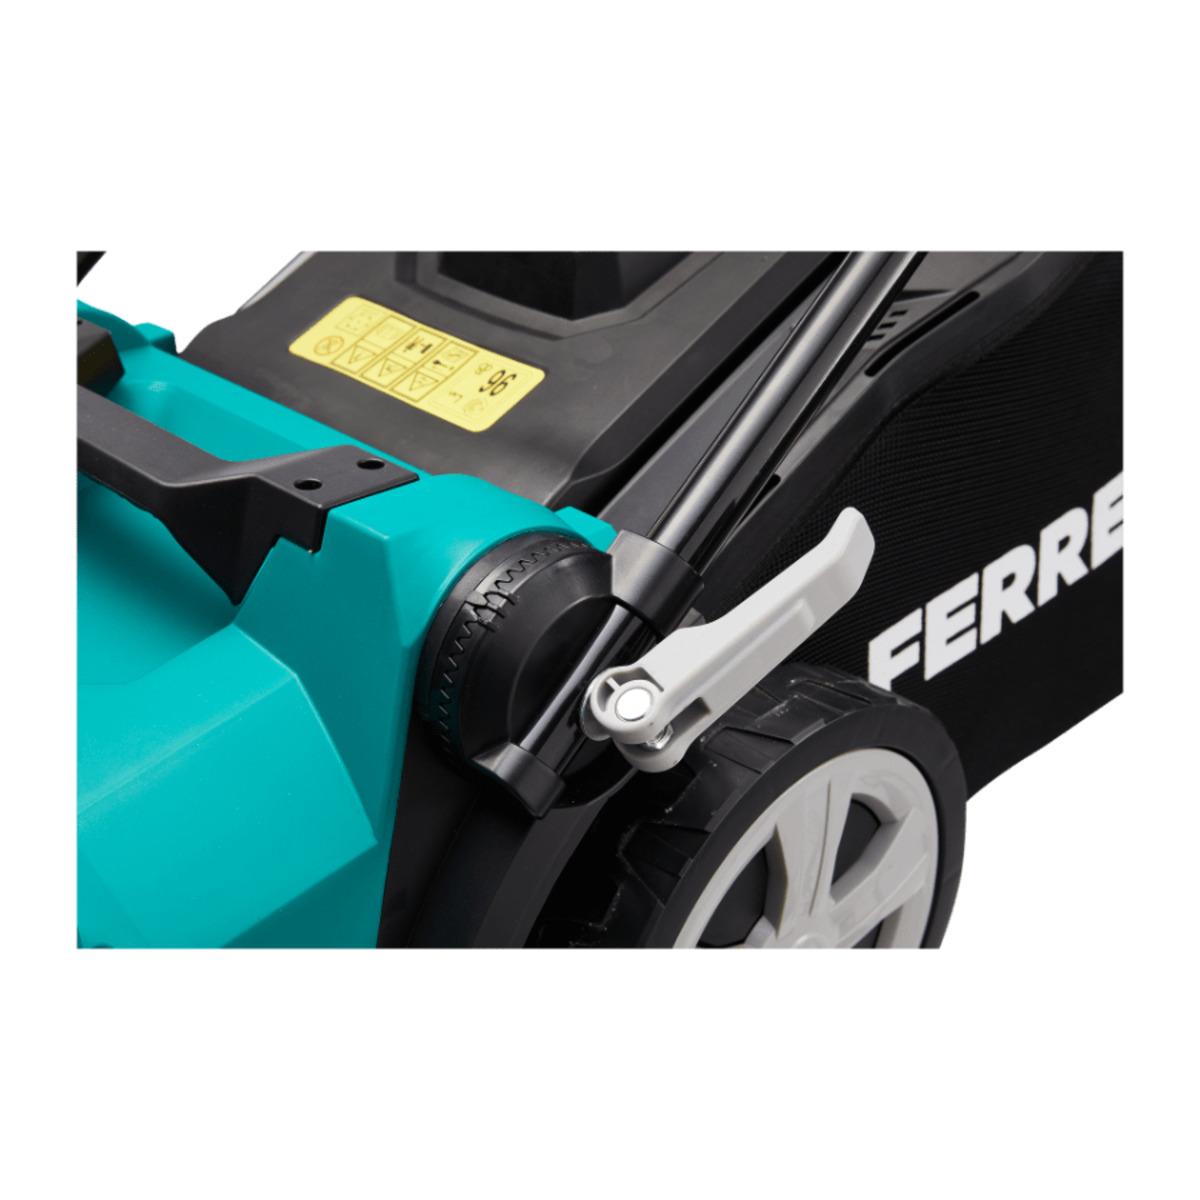 Bild 3 von FERREX     40-V-Akku-Rasenmäher FN-ARM 4040